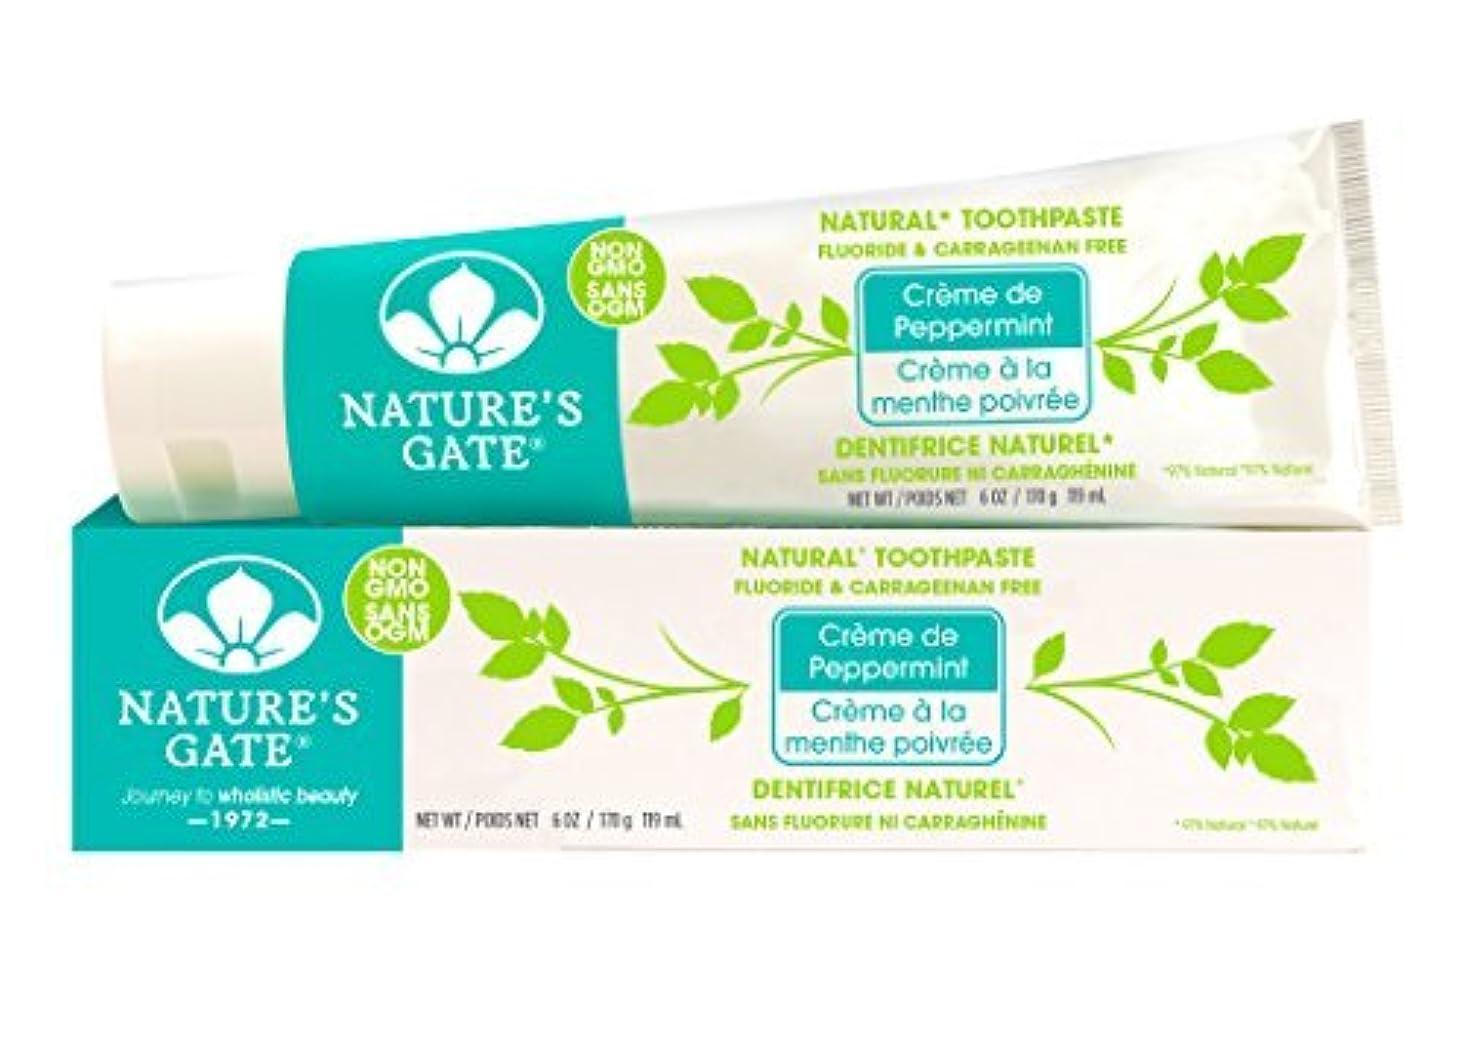 スピンお茶良心的Nature's Gate Natural Toothpaste, Creme de Peppermint, 6-Ounce Tubes (Pack of 6) by Nature's Gate [並行輸入品]